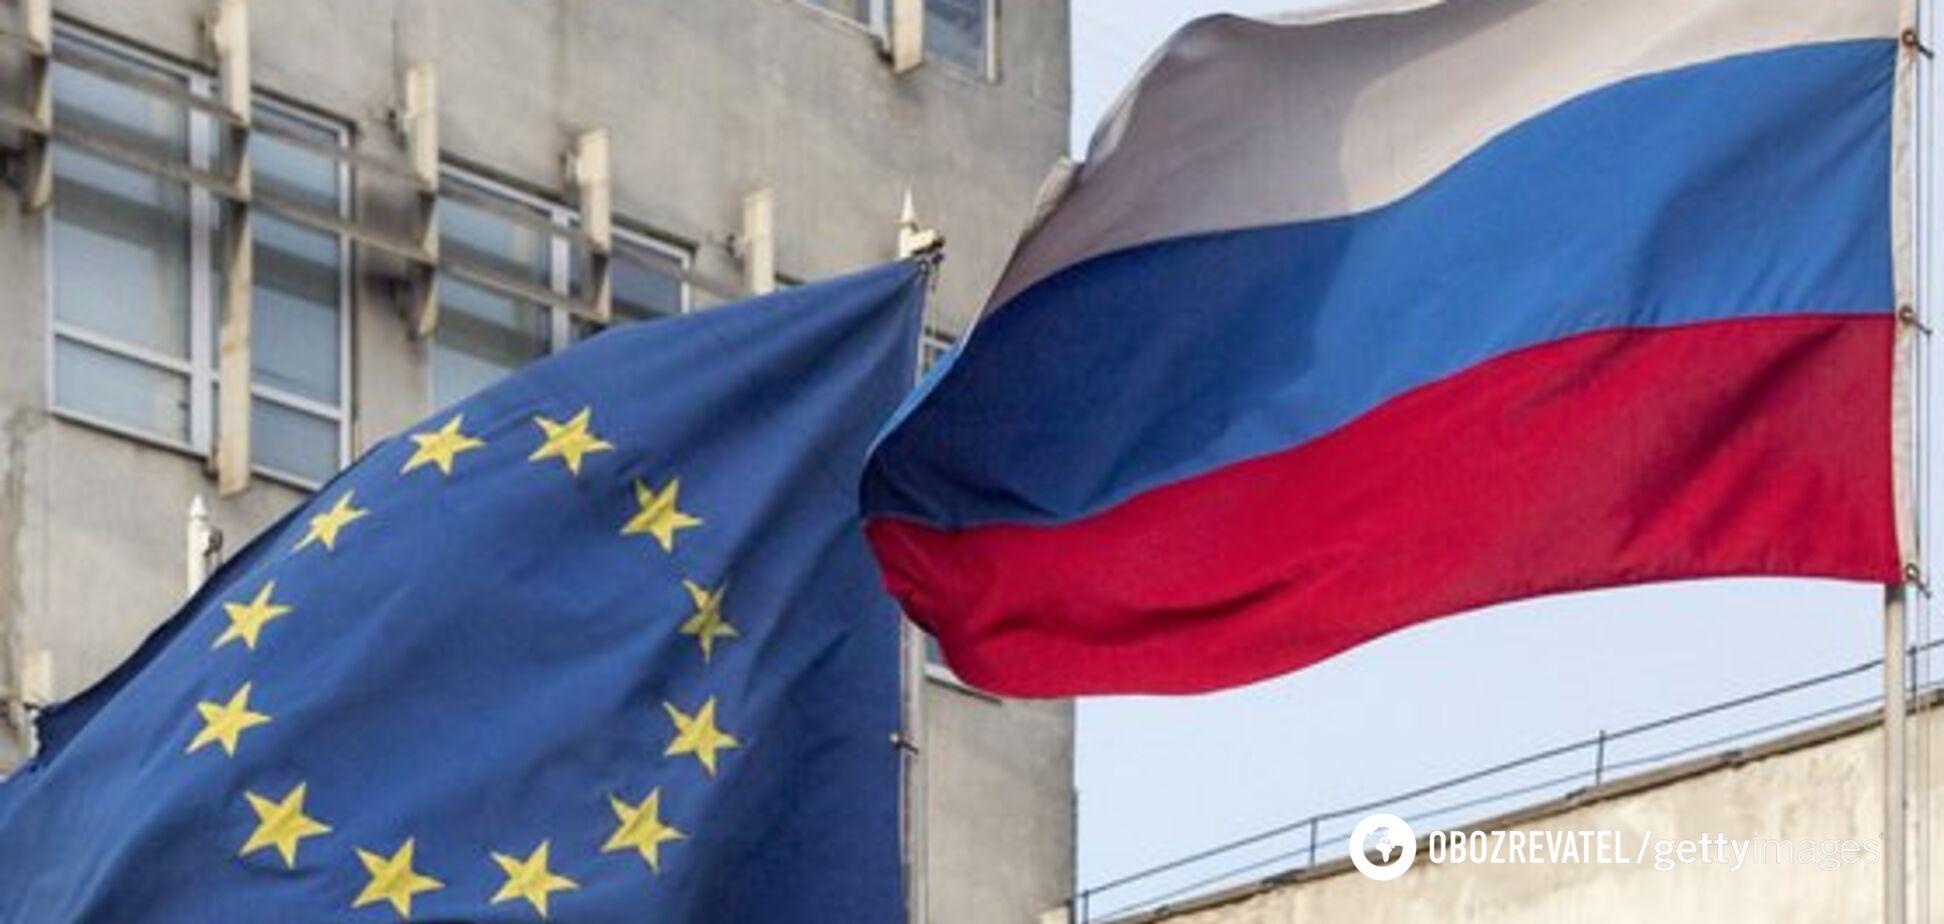 Більше не партнер: у ЄС ухвалили жорстке рішення проти Росії